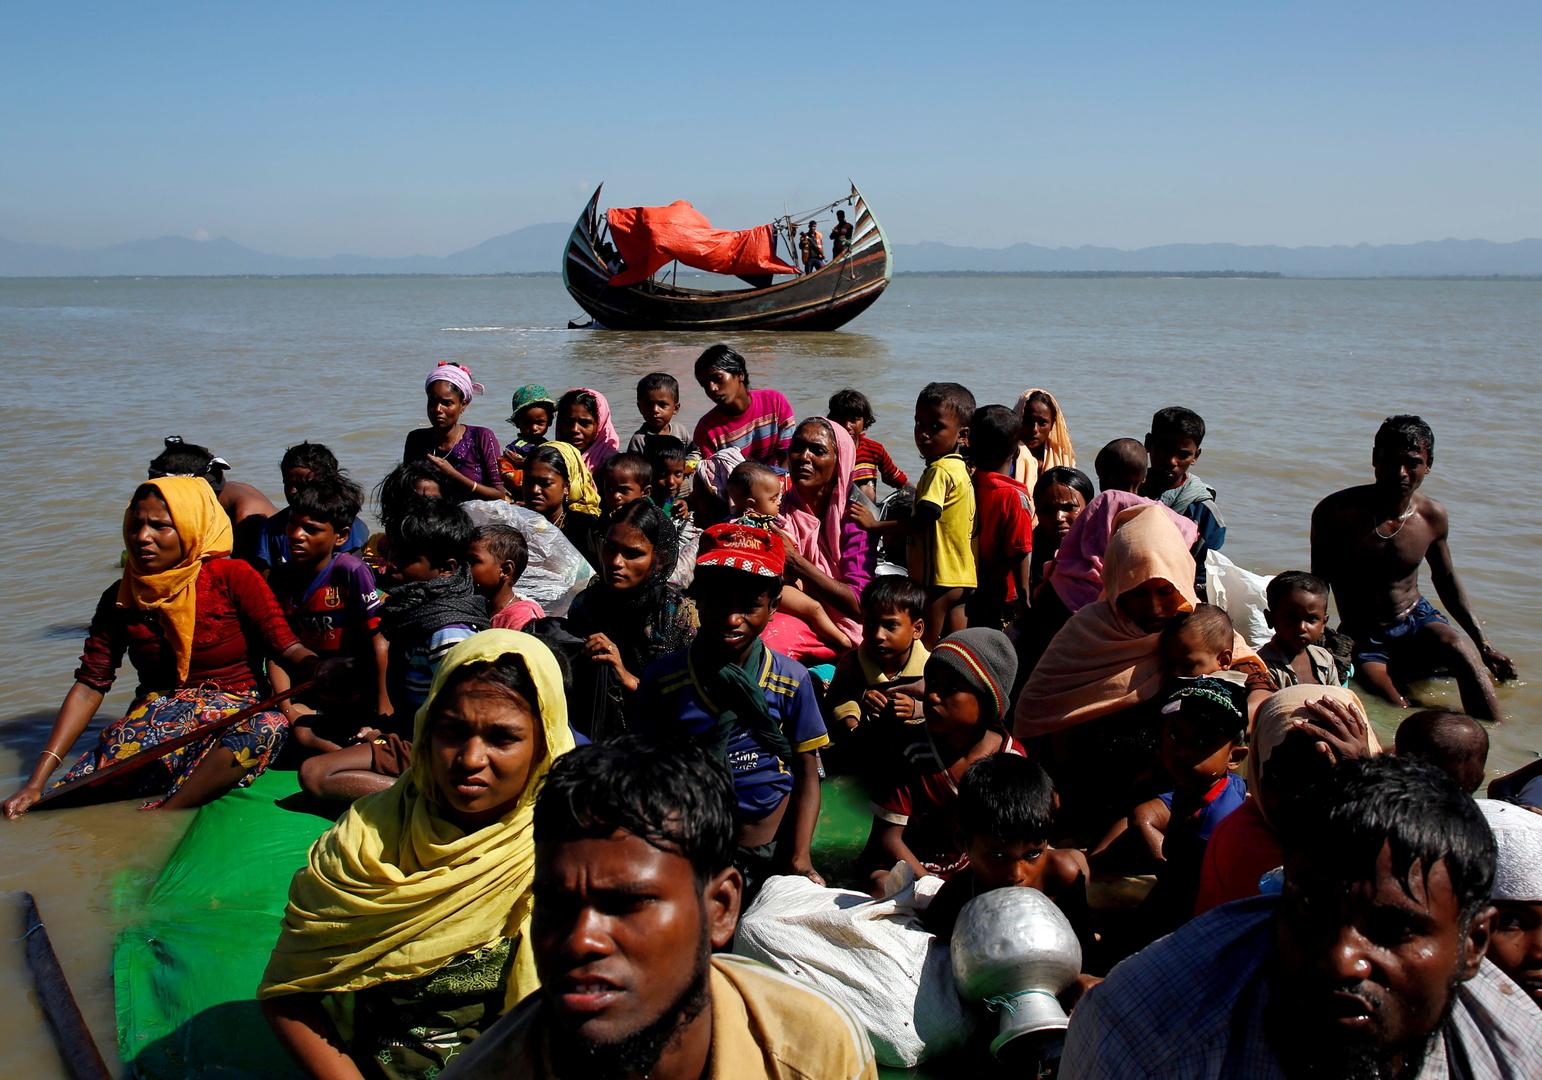 لاجئون من الروهينغا في قارب، صورة تعبيرية من الأرشيف